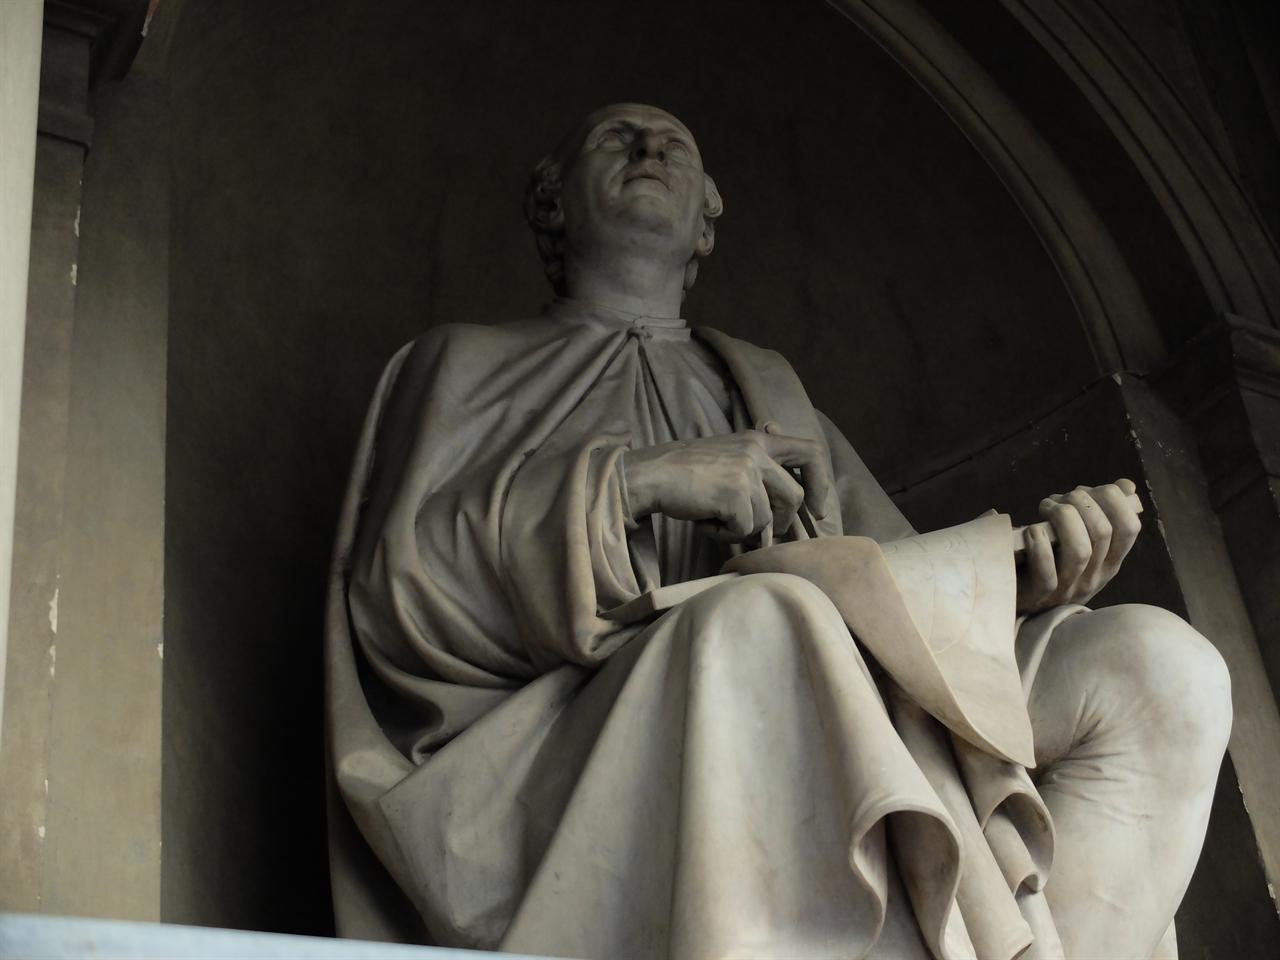 브루넬레스키 상 자신이 올린 쿠폴라를 바라보고 있는 브루넬레스키의 모습입니다.